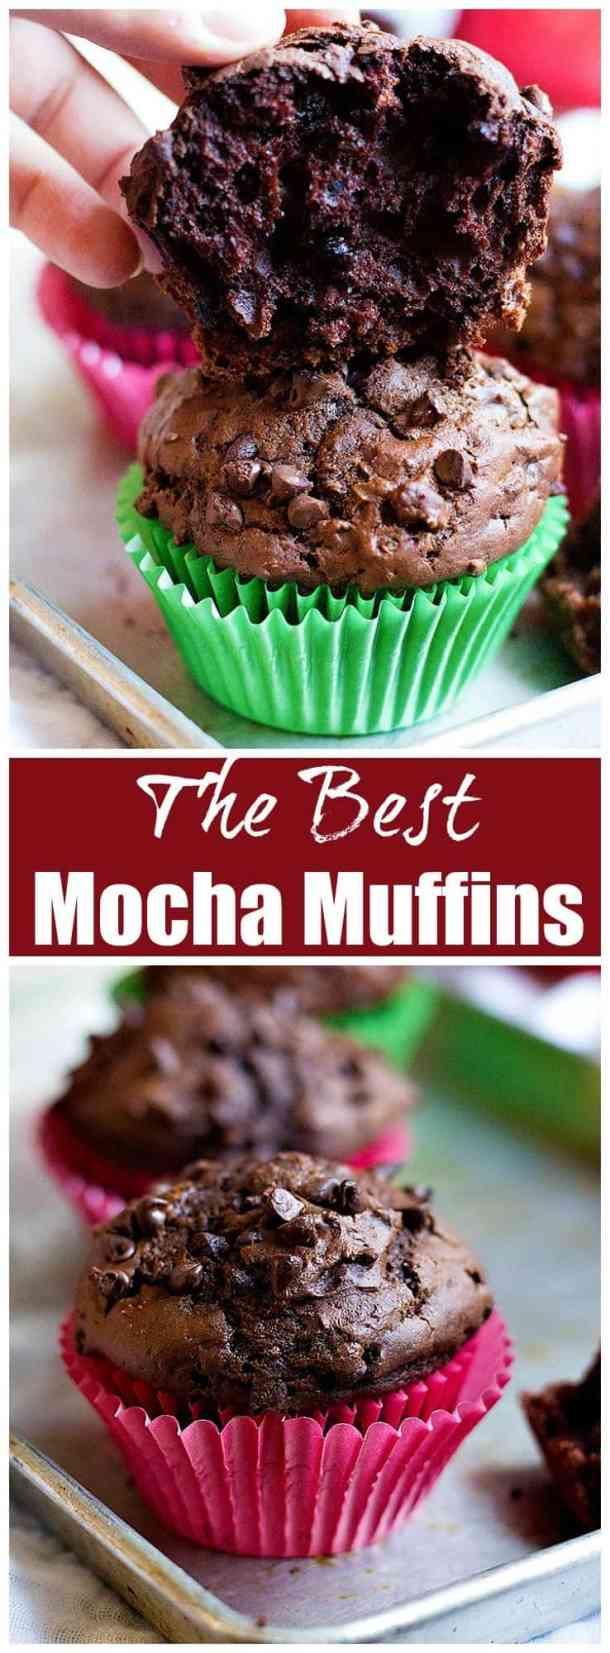 Mocha Muffins | Mocha Muffins Recipe | Mocha Muffins coffee | UnicornsintheKitchen.com #MochaMuffins #BreakfastMuffins #MuffinsRecipe #Muffins